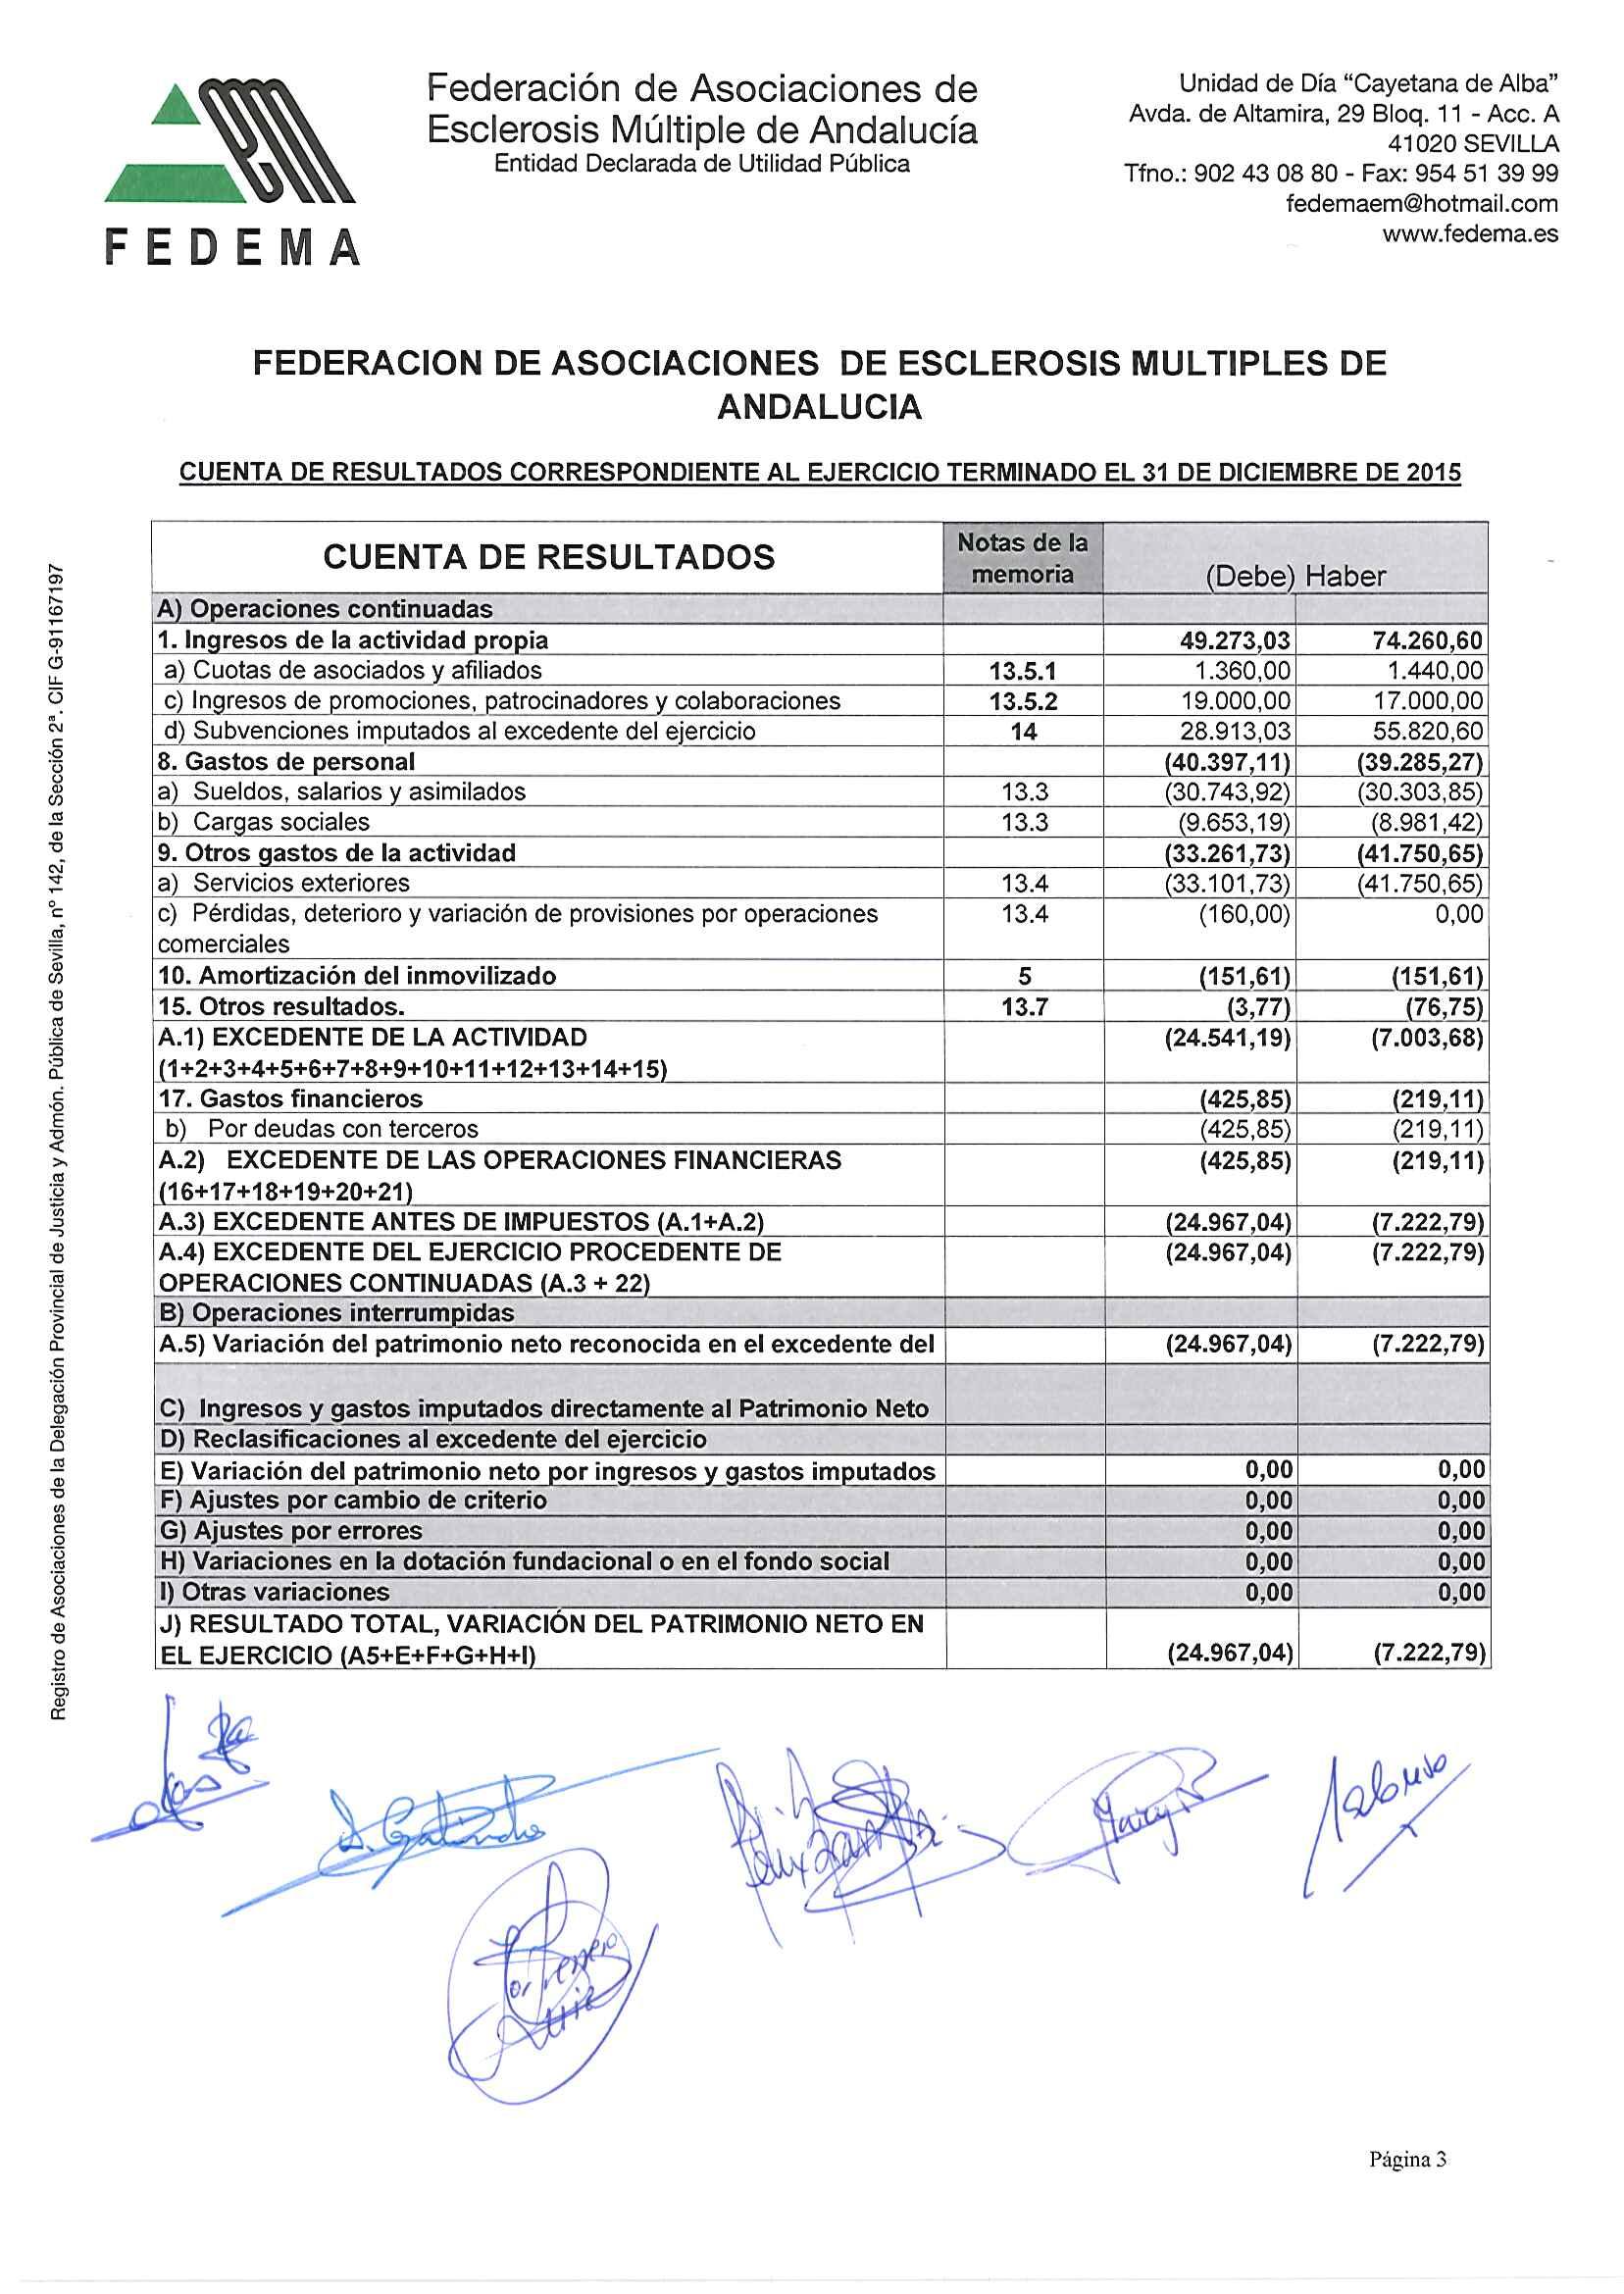 cuentas resultados 2015.jpg